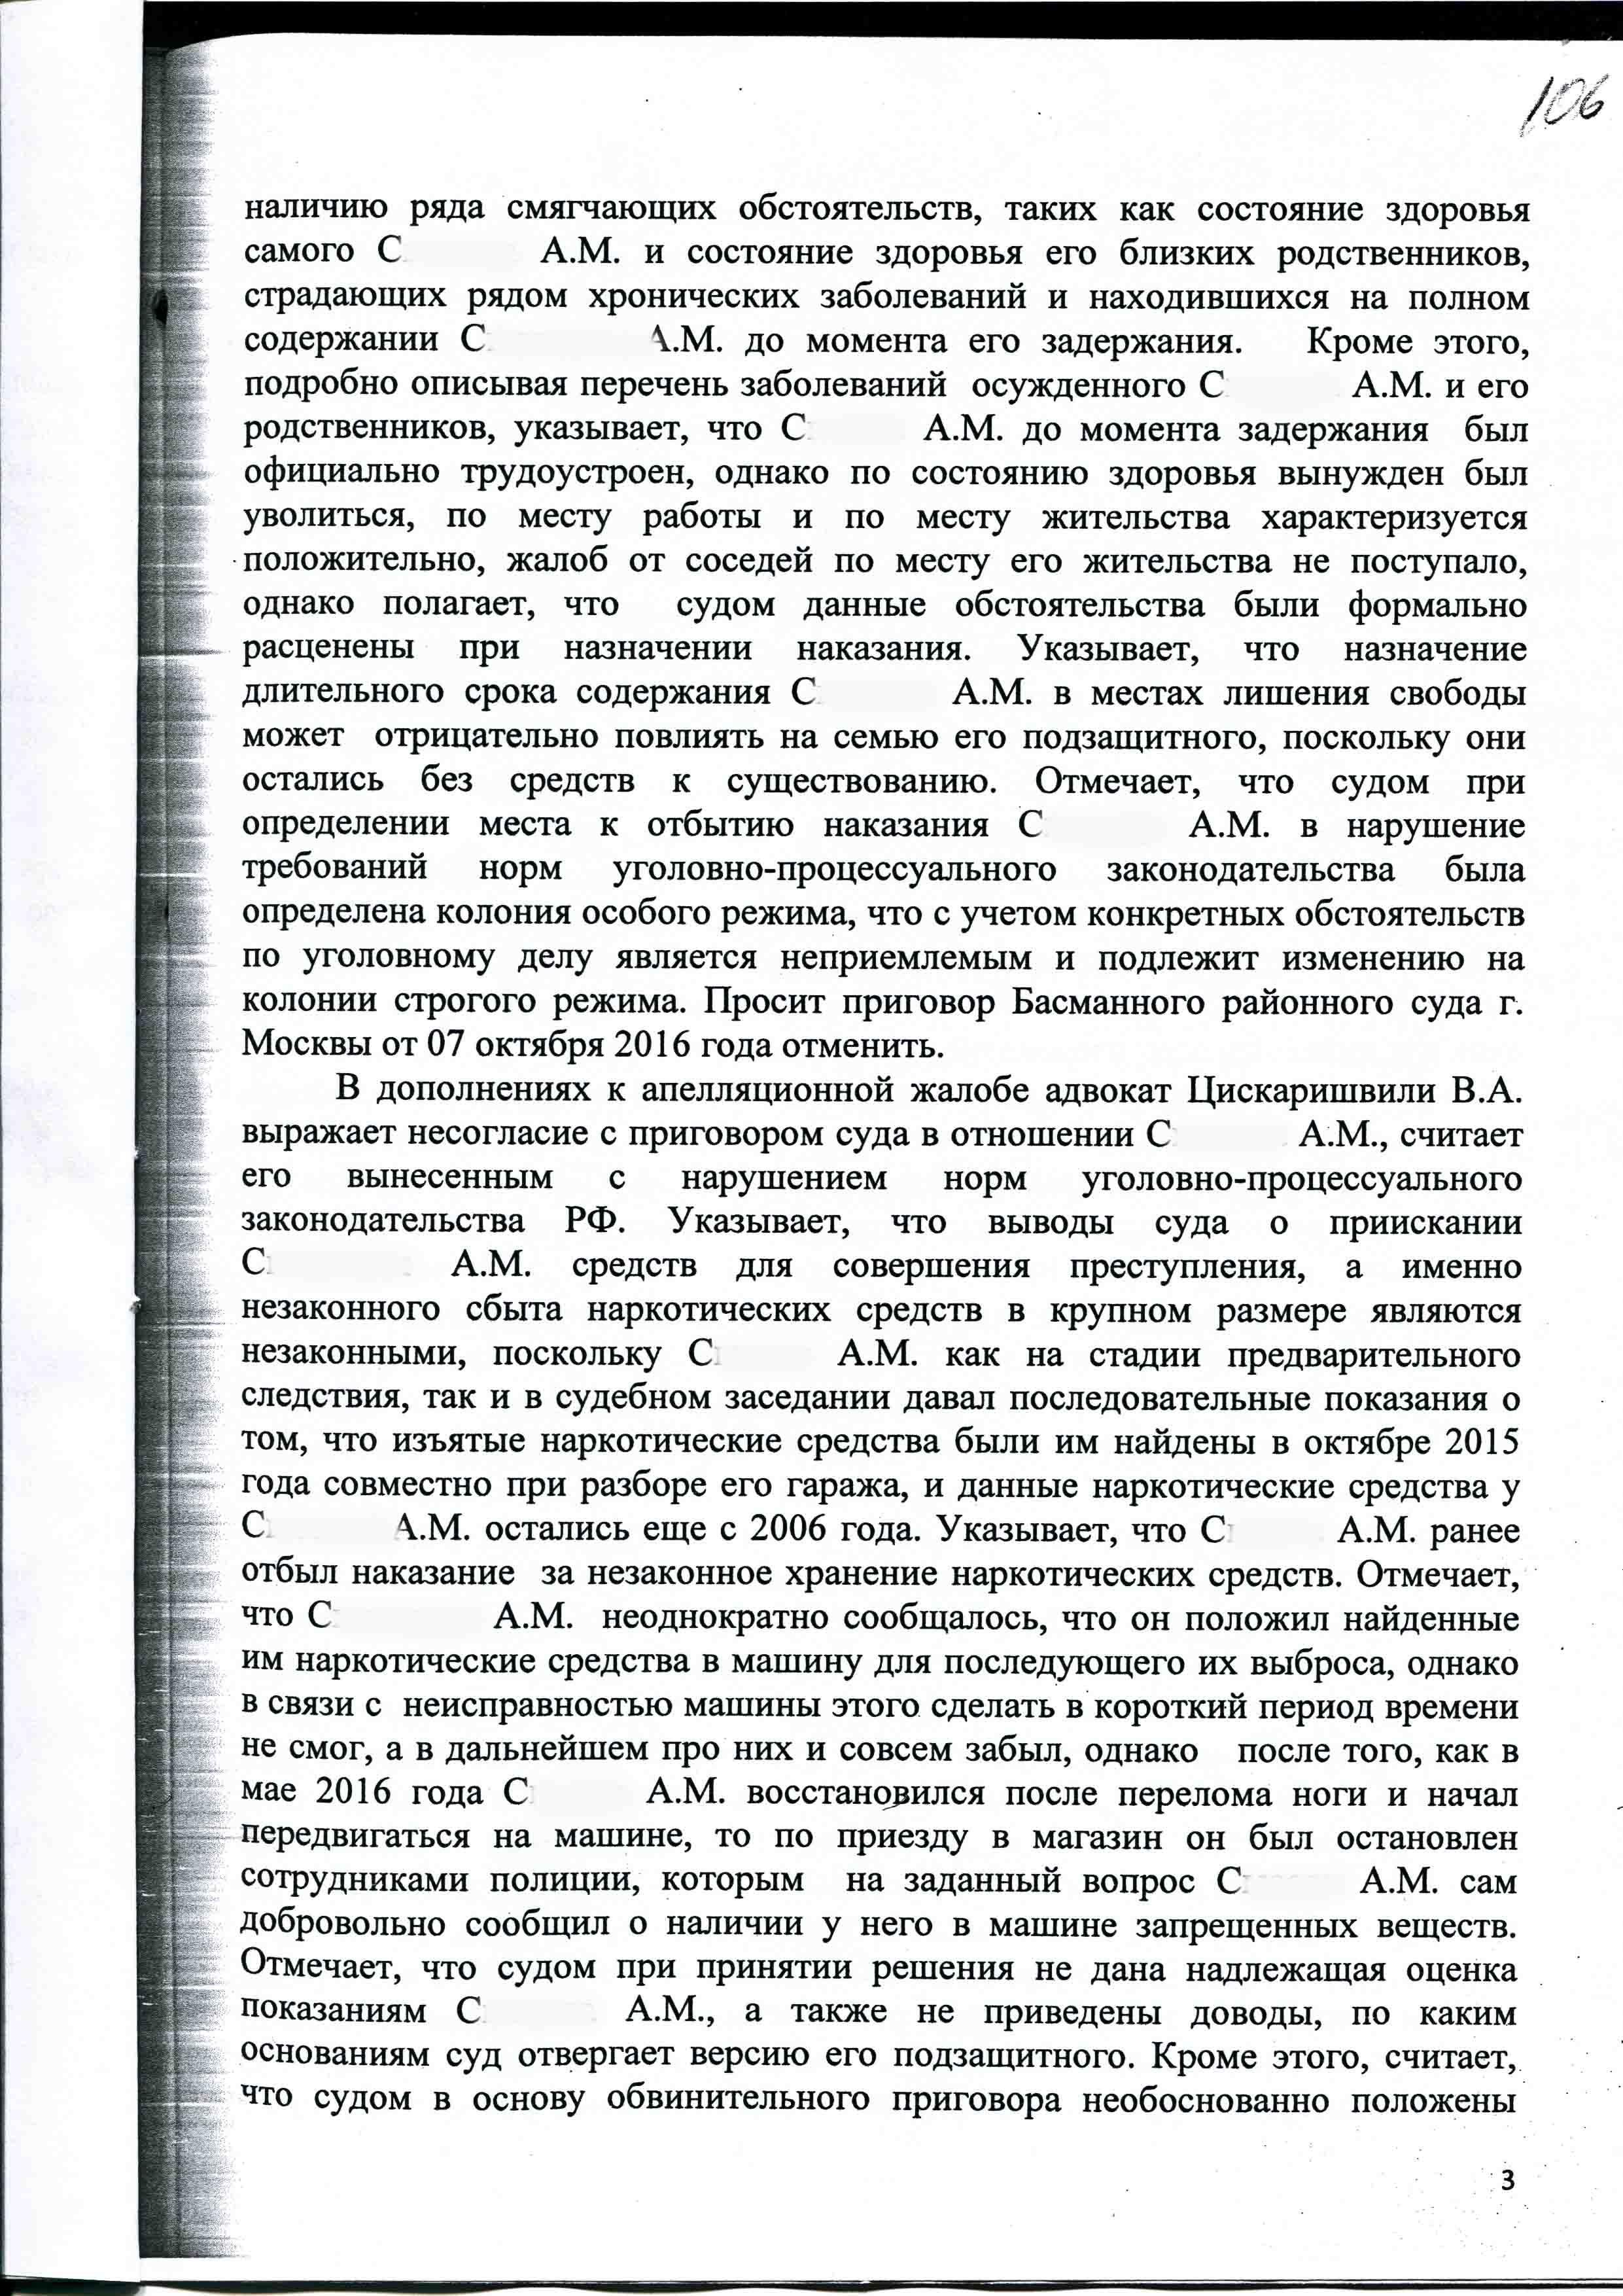 оформлением орест по ст 228 ч 1 результатам социальных опросов